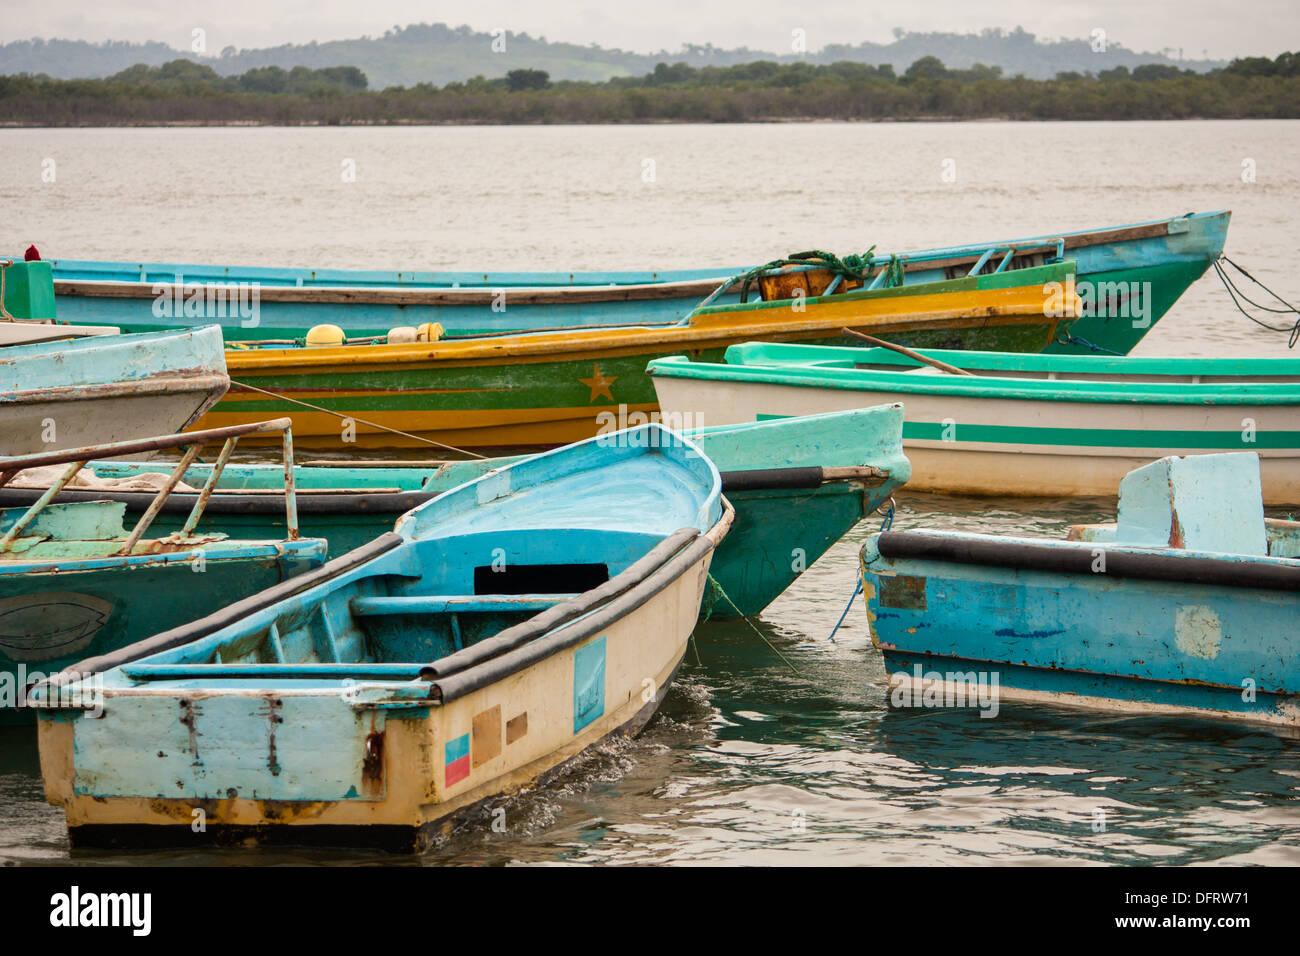 Bunte Boote schwimmen im Hafen am kleinen Dorf von Cojimies auf der Küste von Ecuador am Ende des Tages. Stockfoto